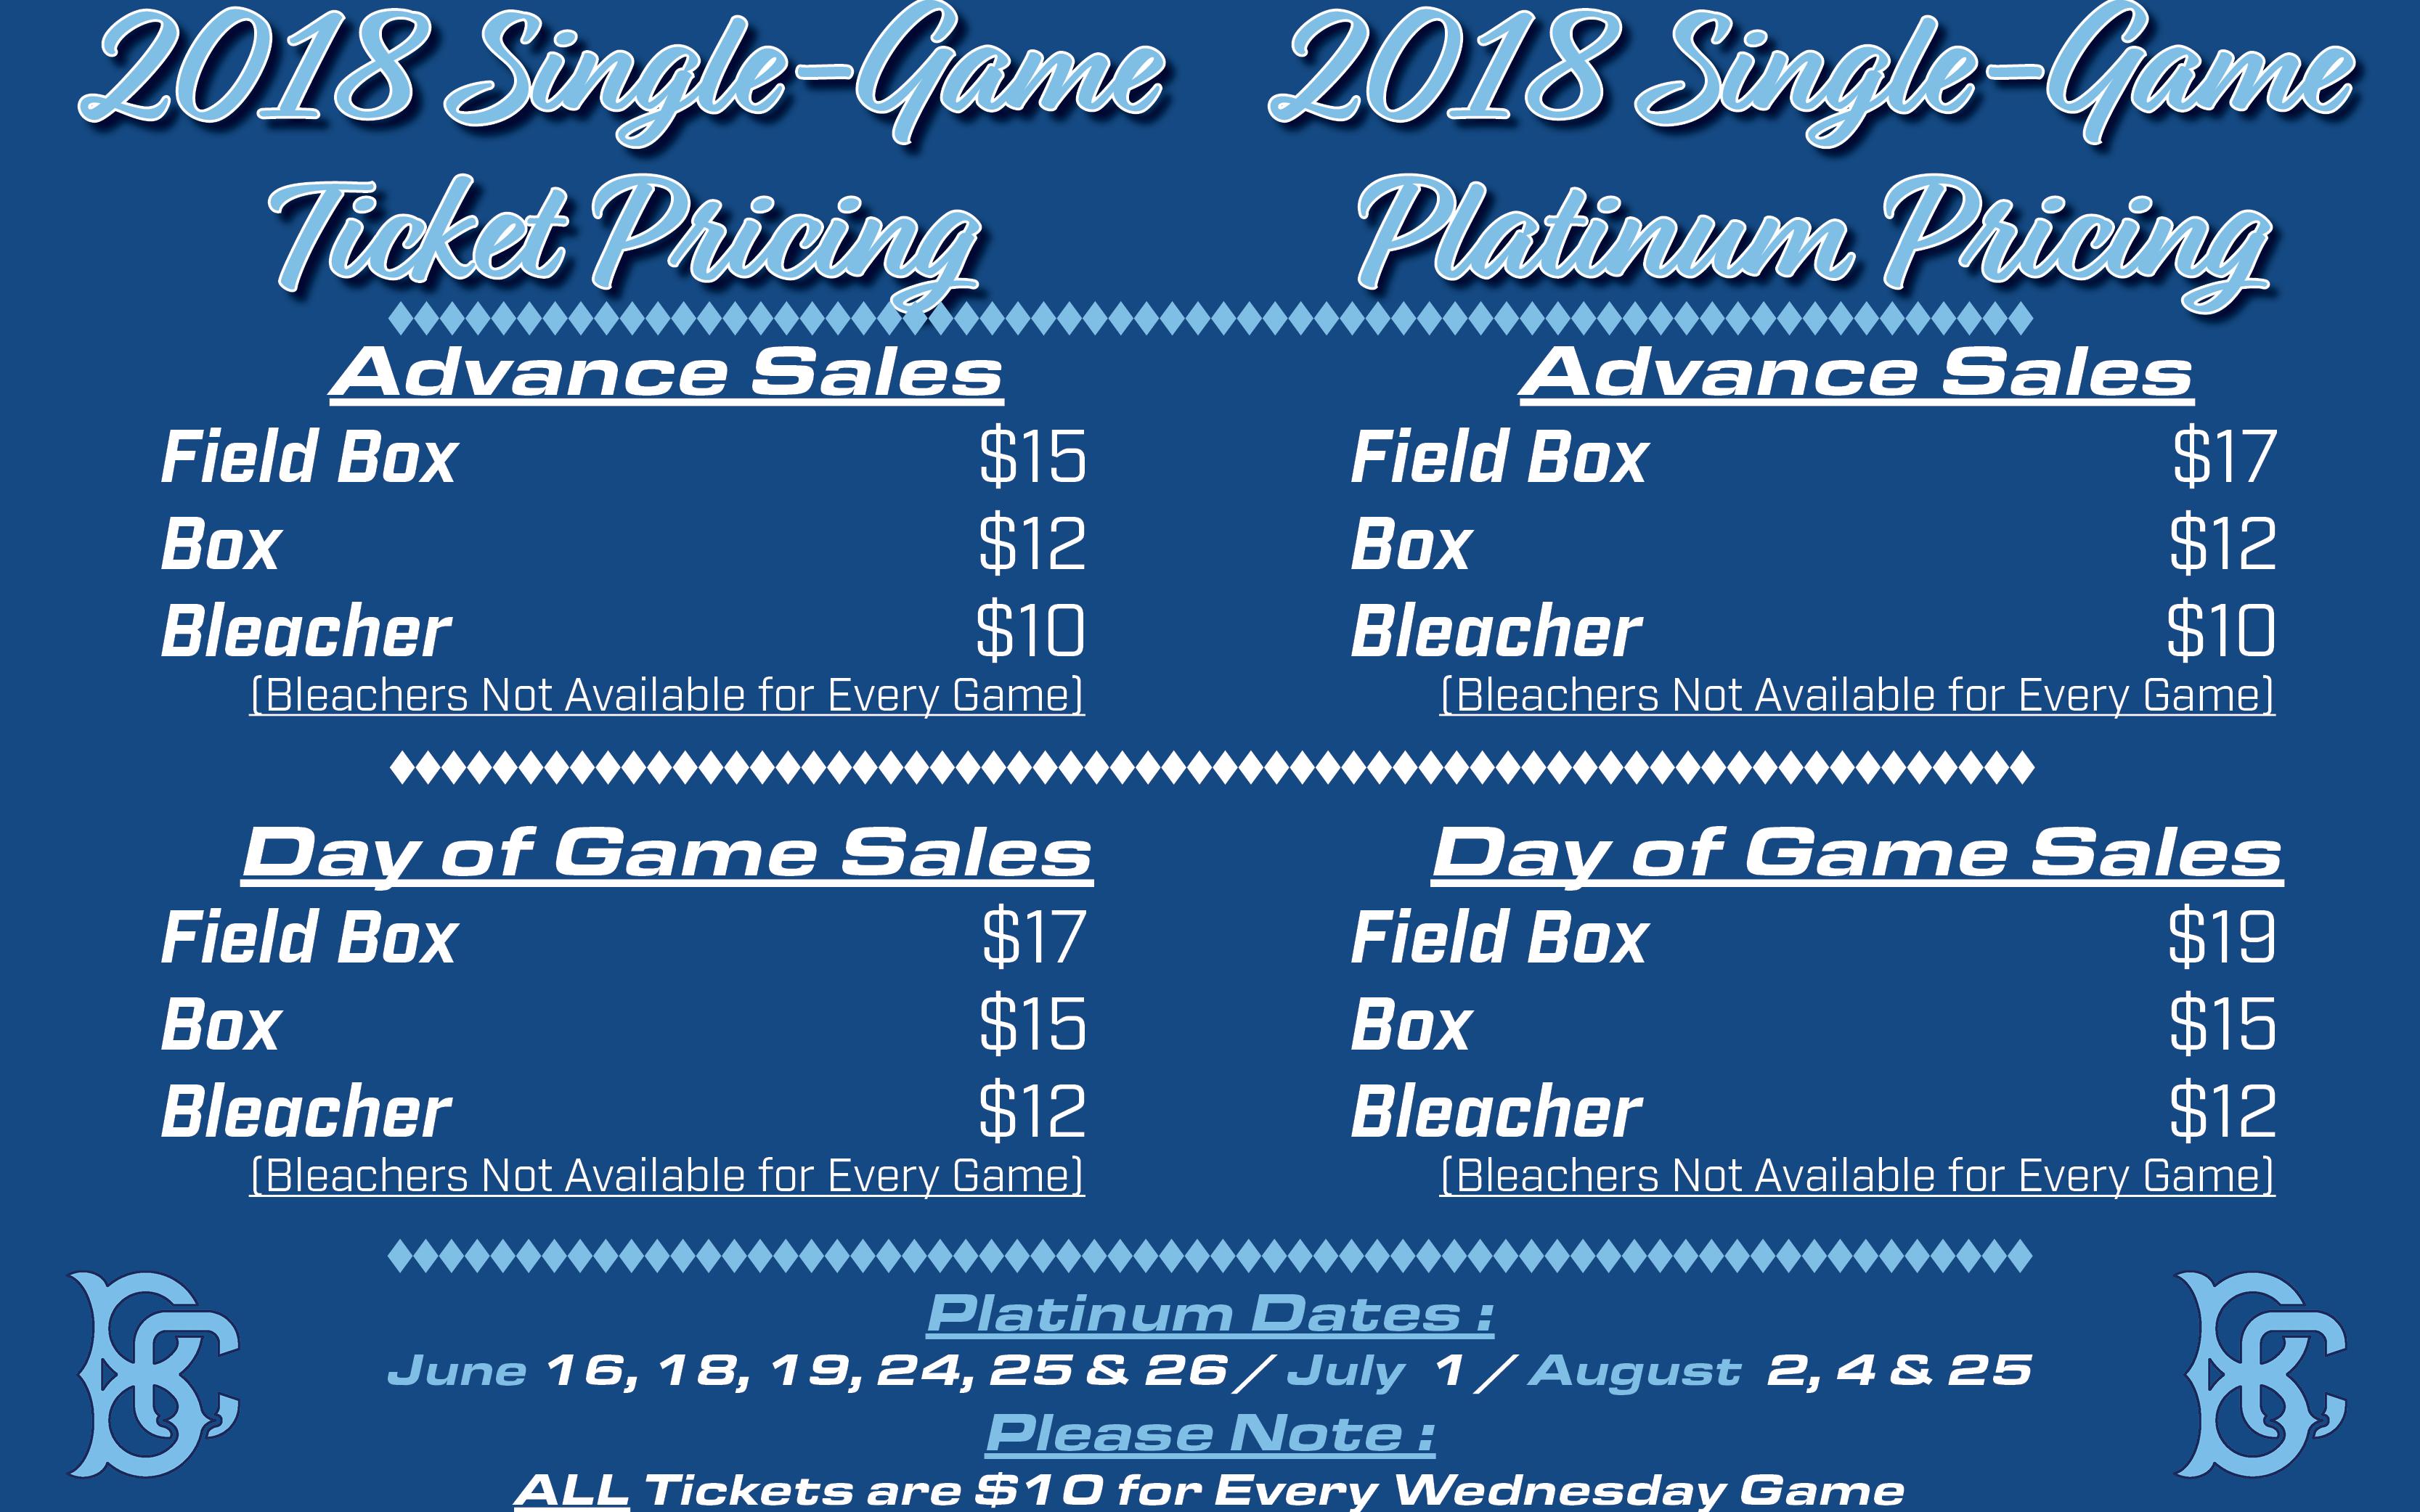 brooklyncyclones.com: Promo Schedule